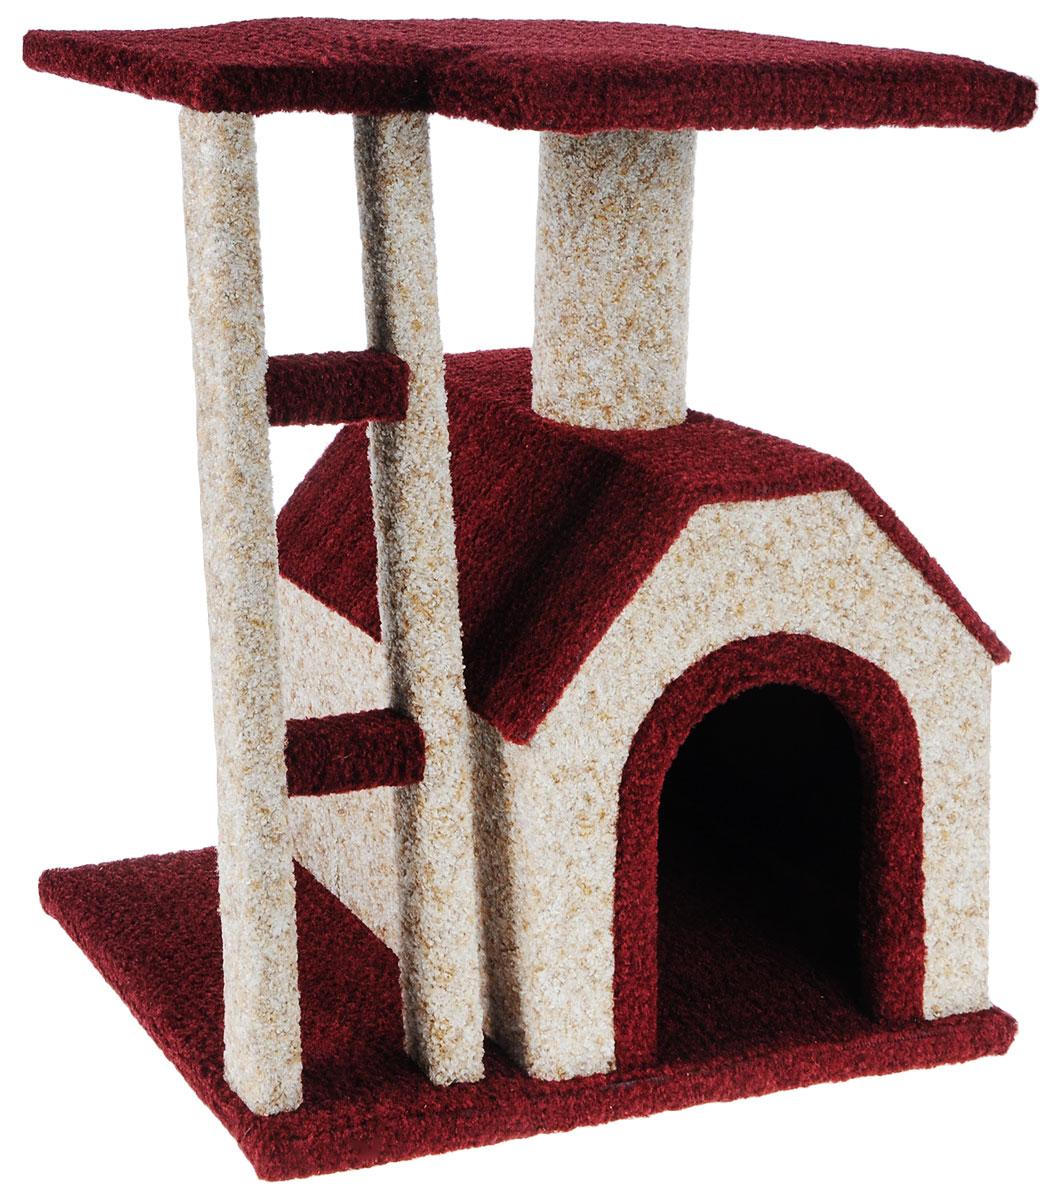 Игровой комплекс для кошек Грызлик Ам Клайд, цвет: бежевый, бордовый, 50 x 38 x 52 см40.GR.077Игровой комплекс для кошек Грызлик Ам Клайд выполнен из высококачественного МДФ и обтянут ковролином. Комплекс состоит из нескольких элементов. В домике животное сможет спрятаться от посторонних глаз и отдохнуть. Верхняя полка прекрасно послужит в качестве лежанки и наблюдений за происходящим. Ковролин, из которого сделан комплекс, обеспечивает естественный уход за когтями питомца, поэтому теперь ваша мебель и стены будут в сохранности. Изделие также имеет лесенку. Уютный комплекс для игр и отдыха станет излюбленным местом вашего питомца. Оригинальный дизайн отлично впишется в интерьер помещения. Размер домика: 34 х 37 х 32 см. Размер верхней полки: 50 х 38 см.